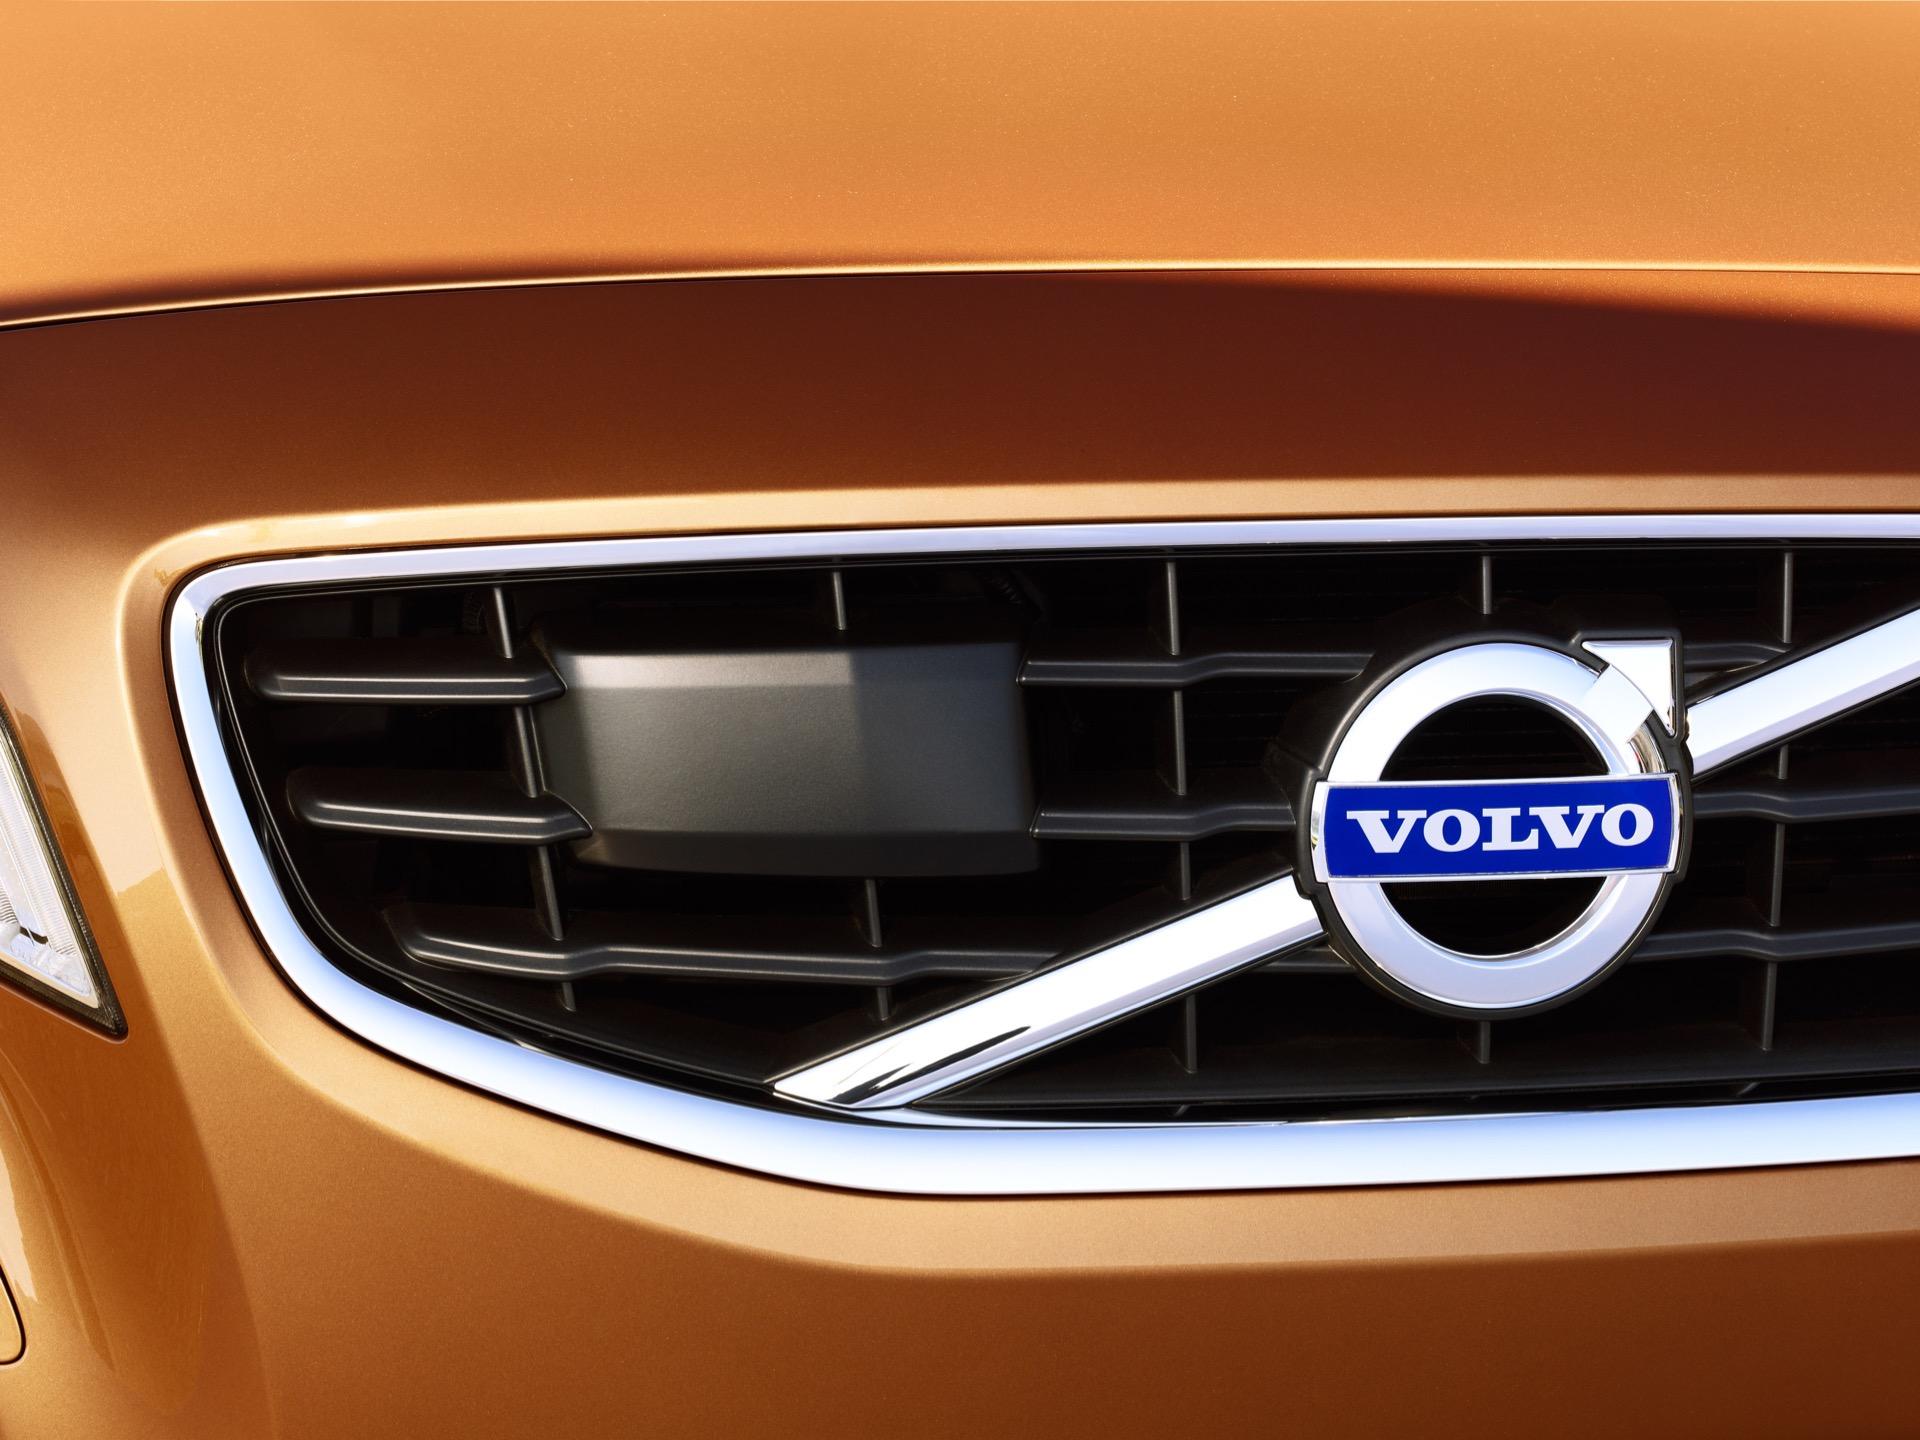 Volvo S60 V6002 -  Volvo